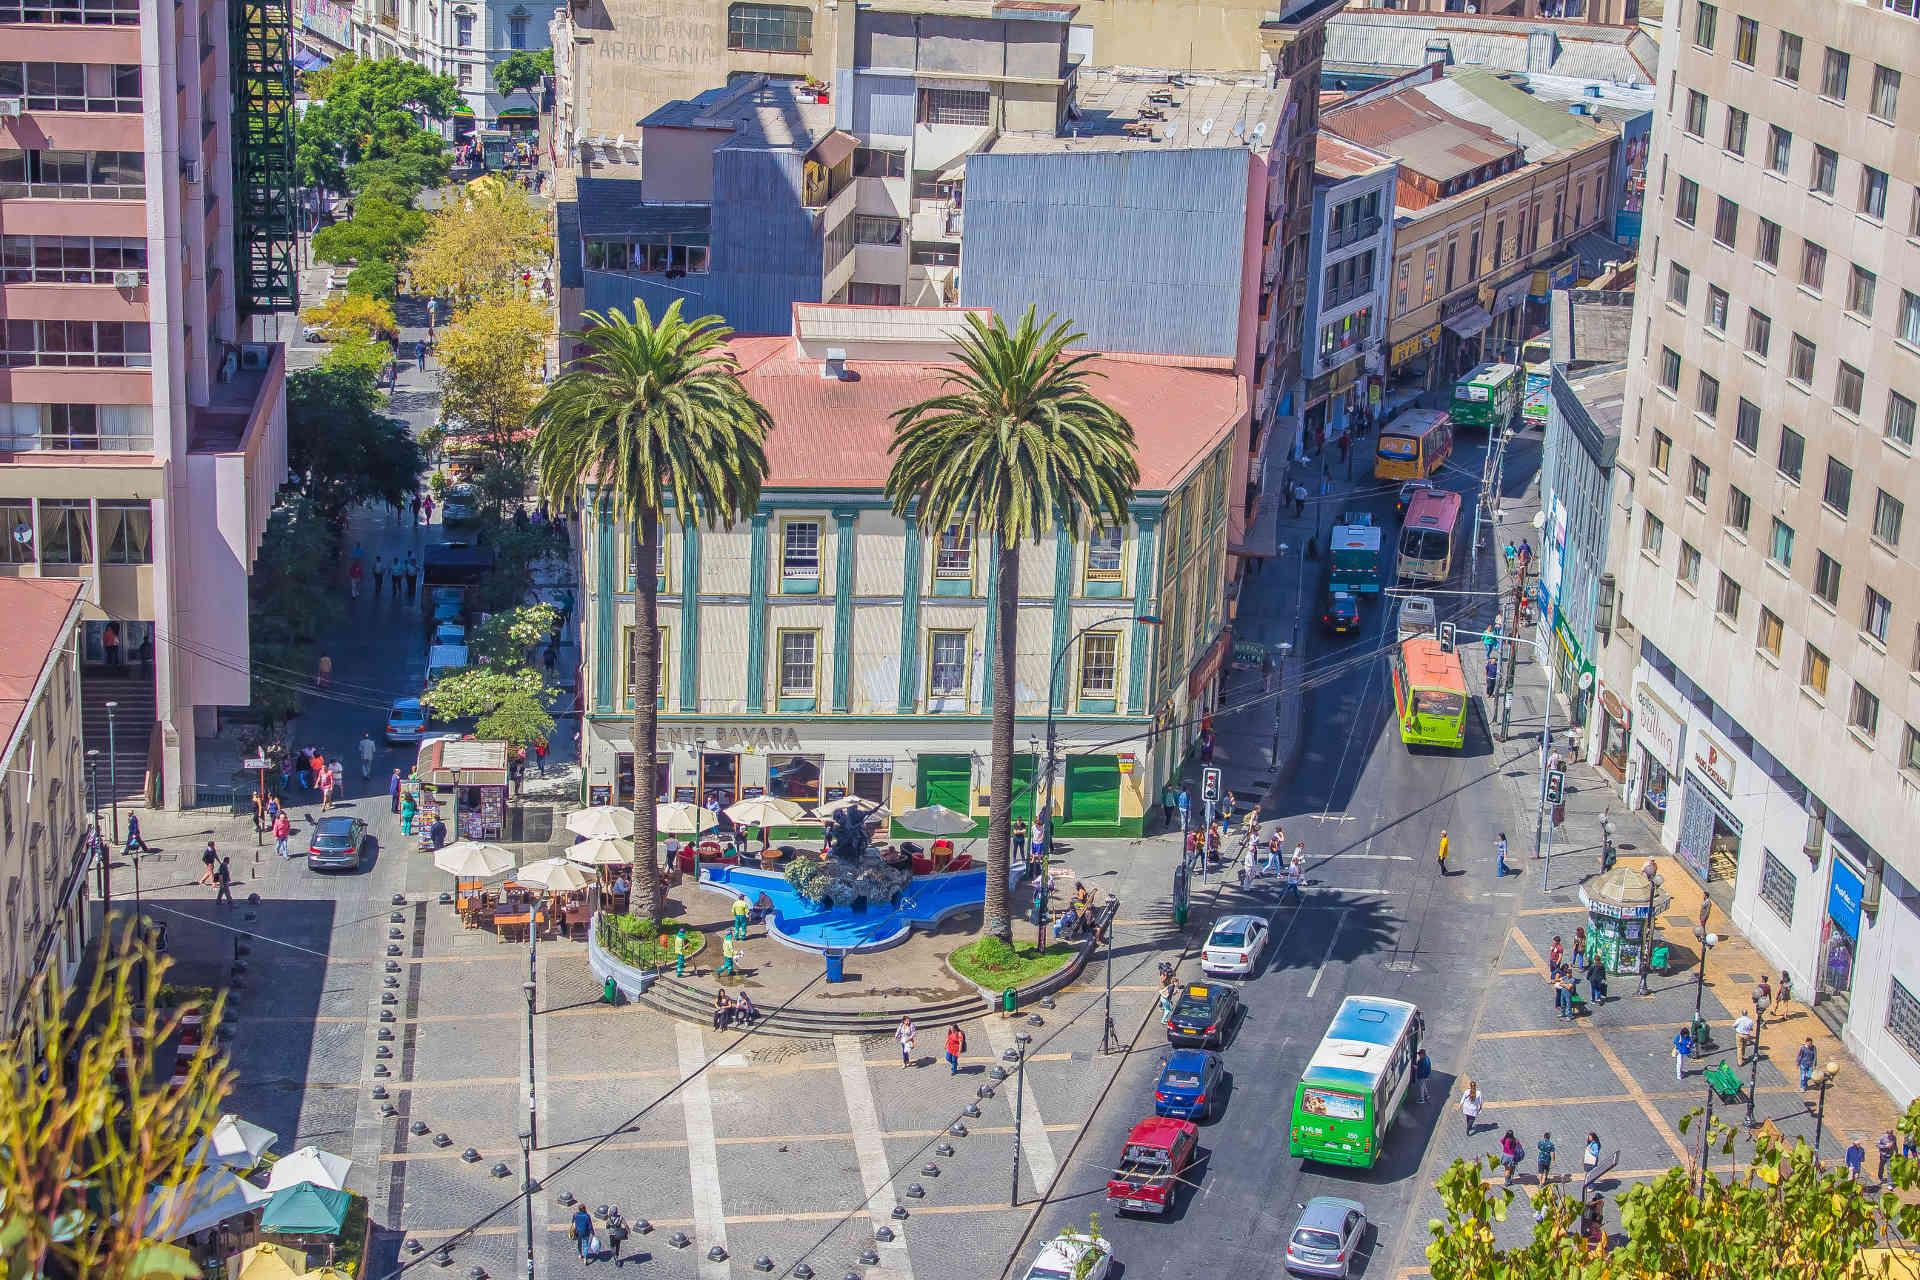 Vista hacia Plaza Anibal Pinto desde Paseo Atkinson